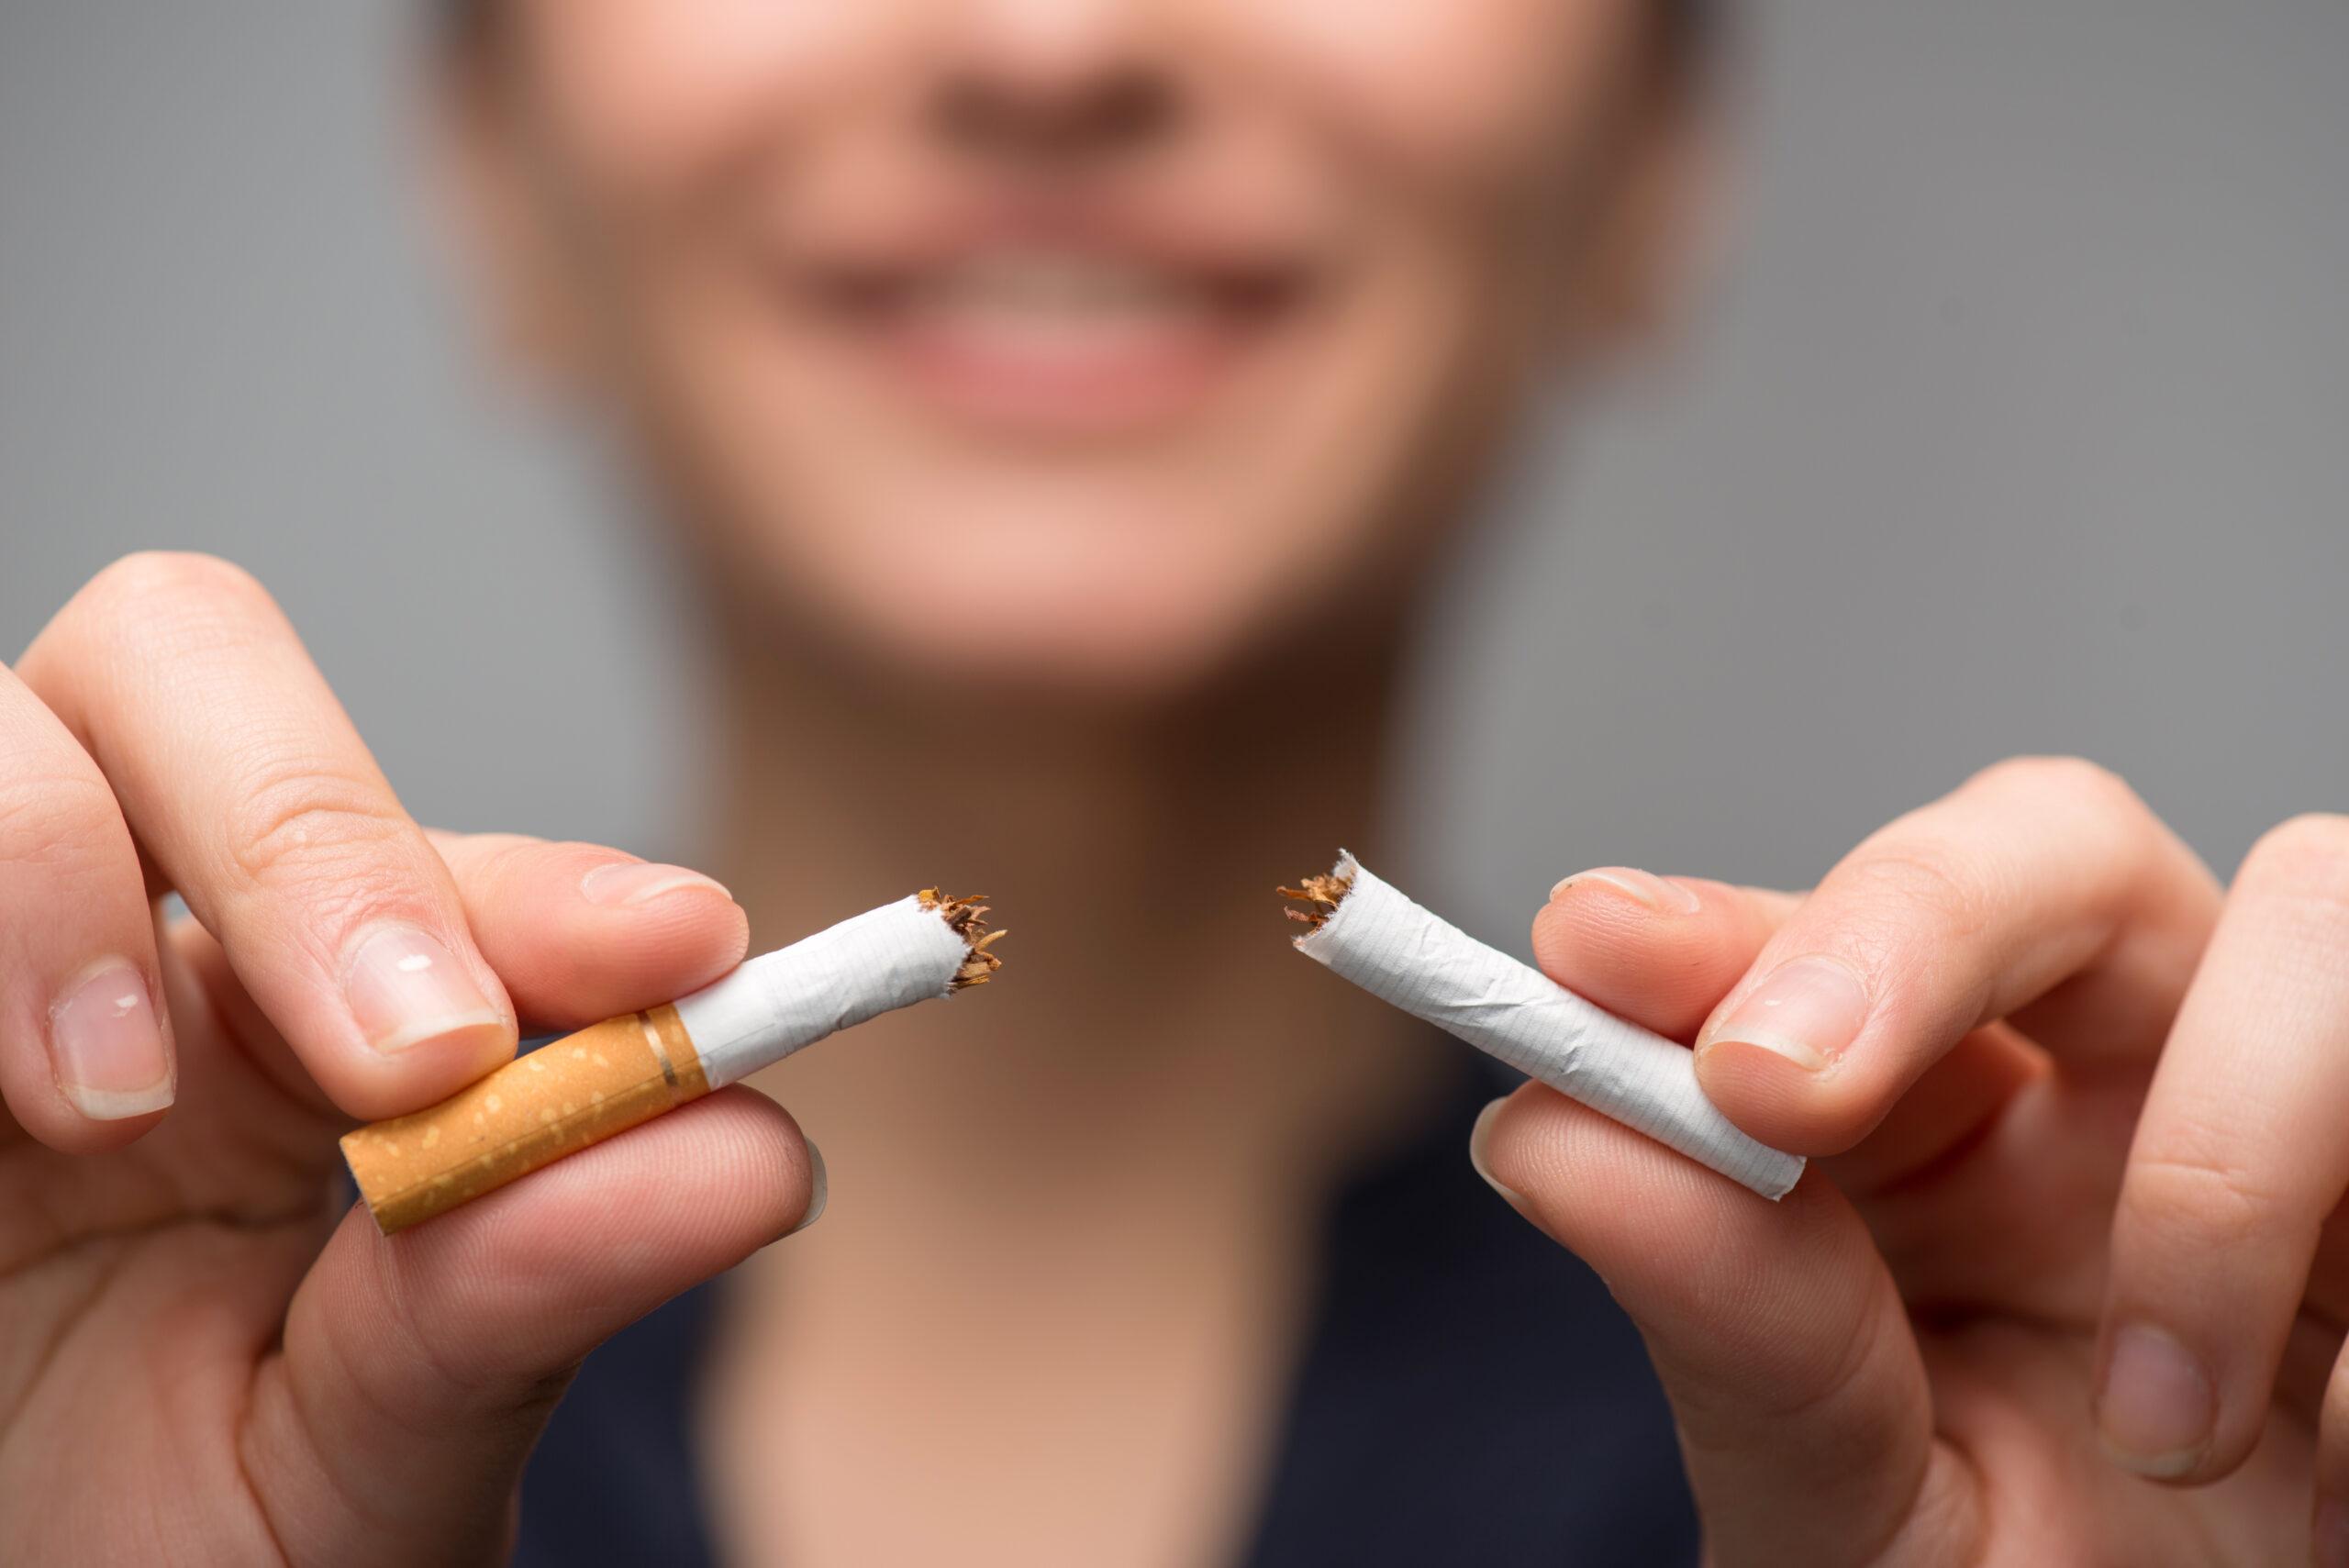 súlya normalizált leszokni a dohányzásról)